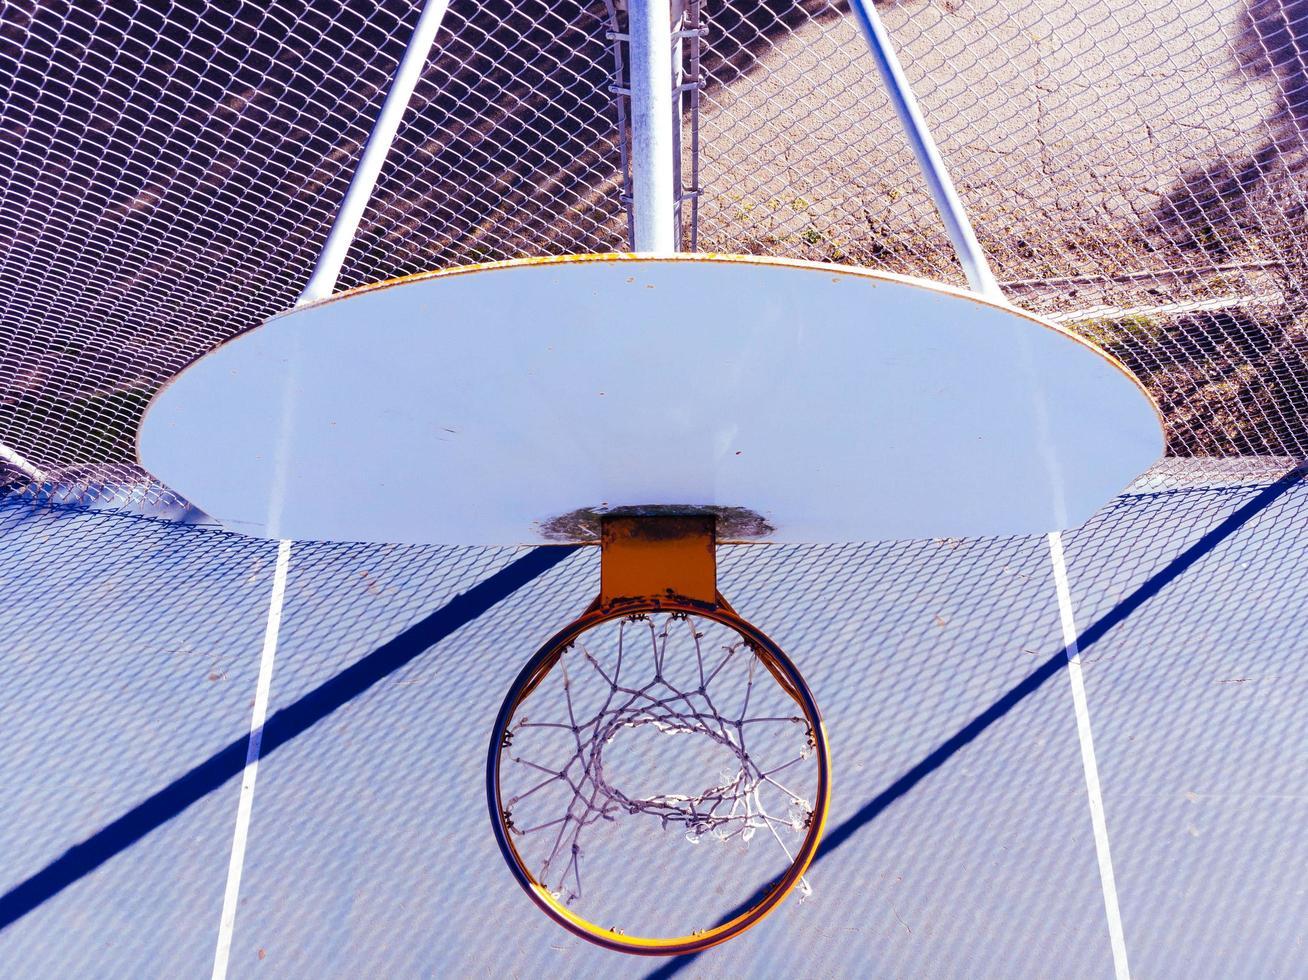 Draufsicht auf Basketballkorb während des Tages foto